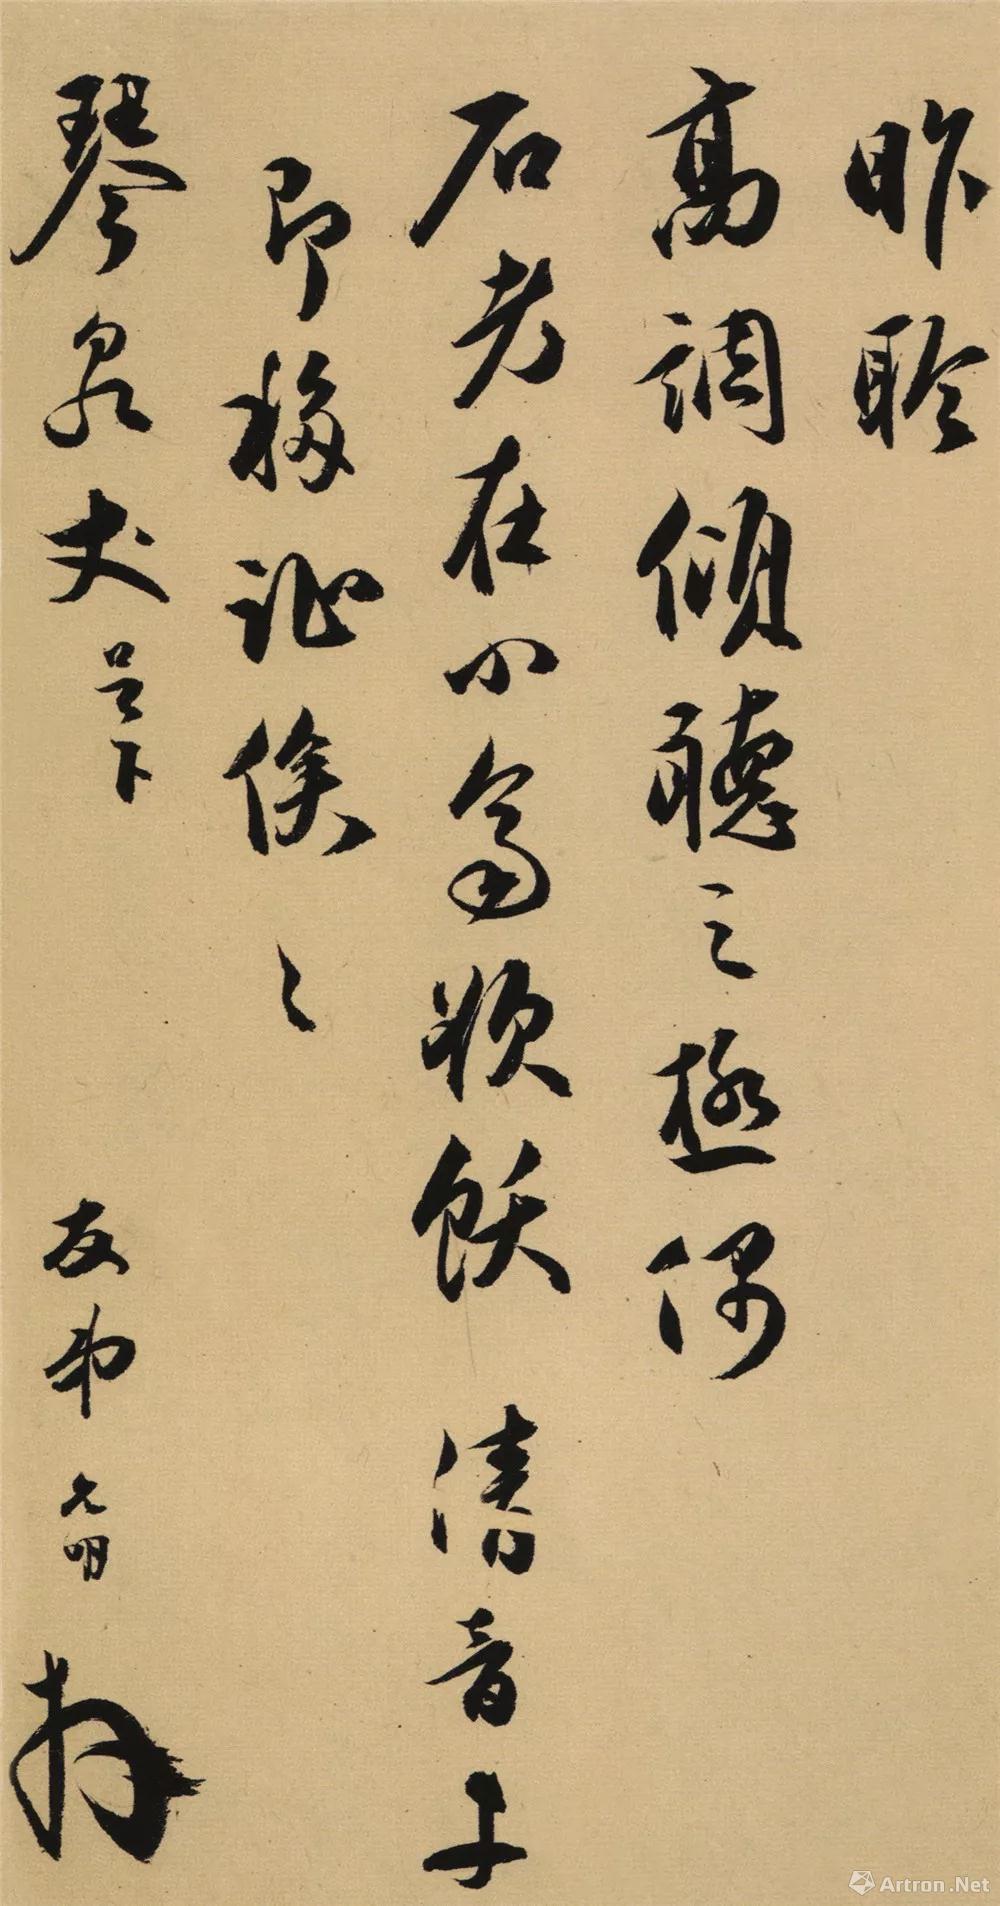 明代信札中的吴门文人生活七星彩的开